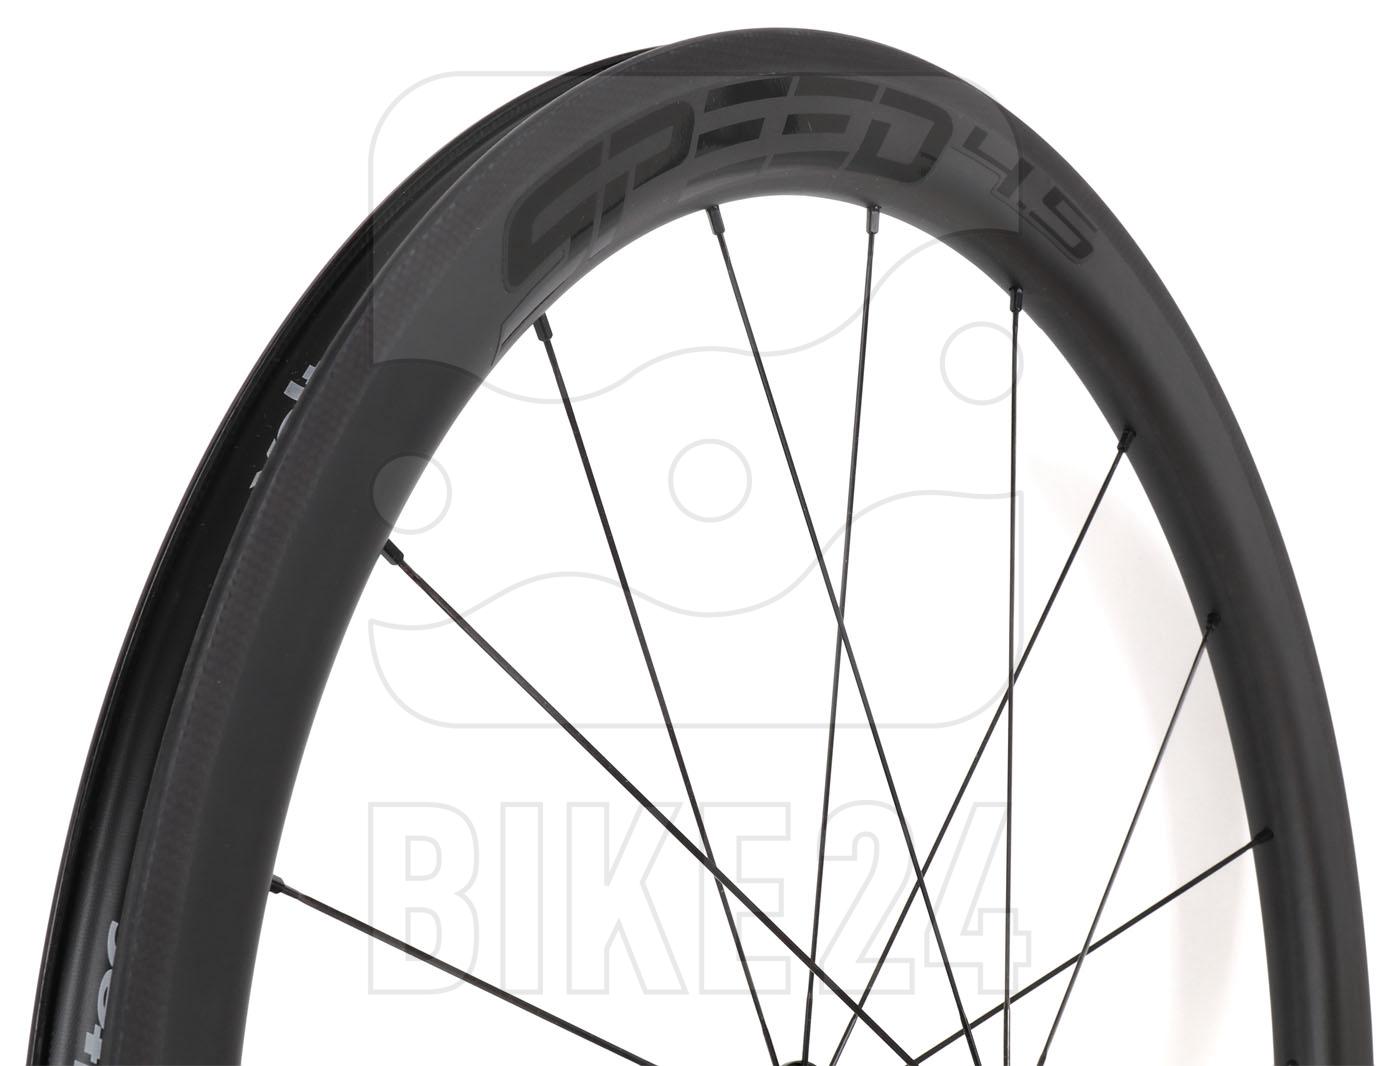 Bild von Veltec Speed 4.5 Carbon Hinterrad - Drahtreifen - QR130 - schwarz mit schwarzen Decals